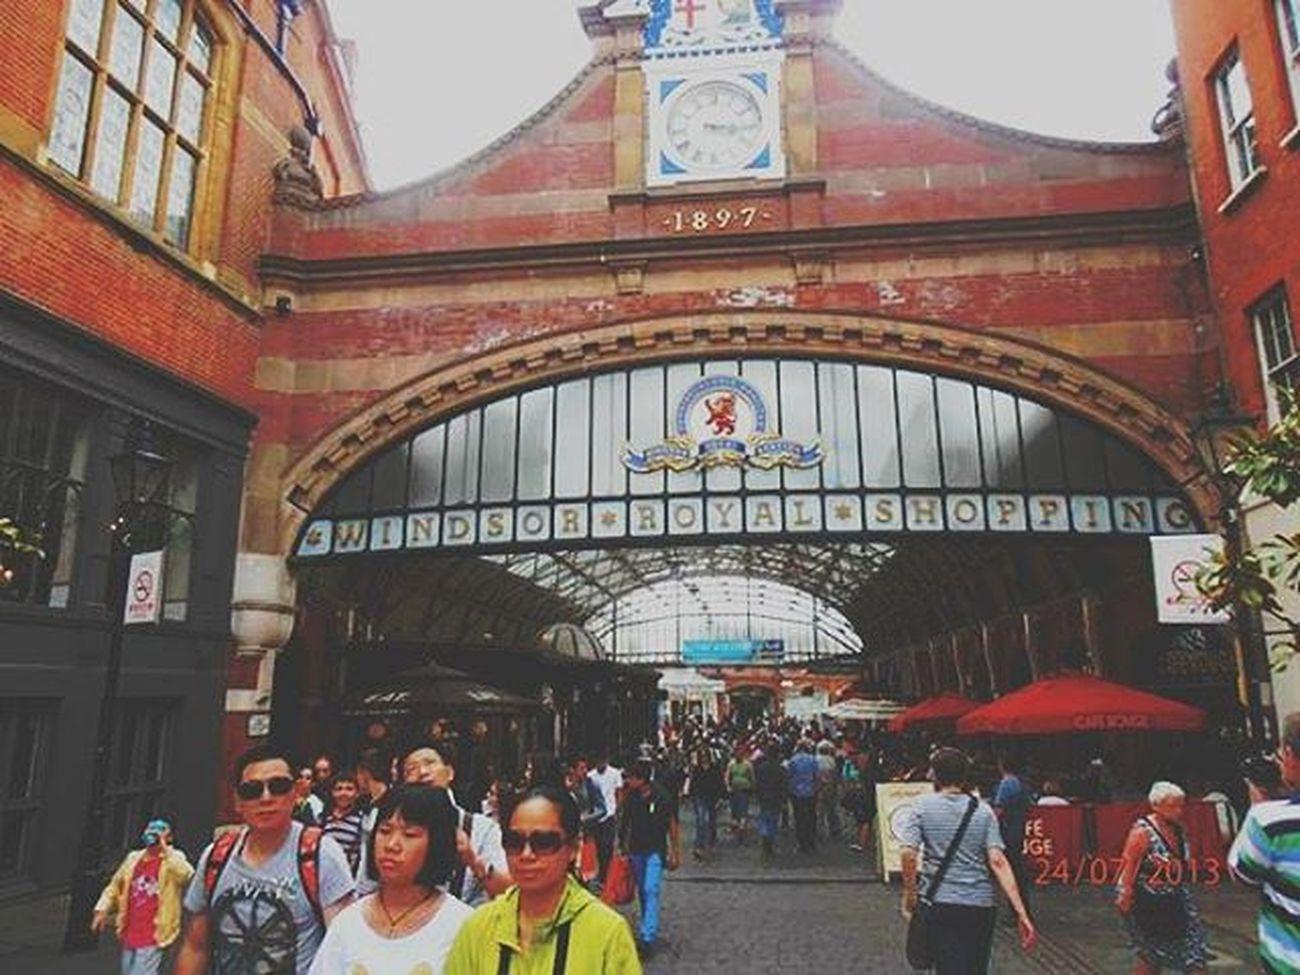 Я люблю Лондон с его туманно-дождливыми погодами и красотой природы😇🌁🌂☔💧🌞 Vscocam VSCO London Amazing Adventure Time Windsor 1897 Shopping